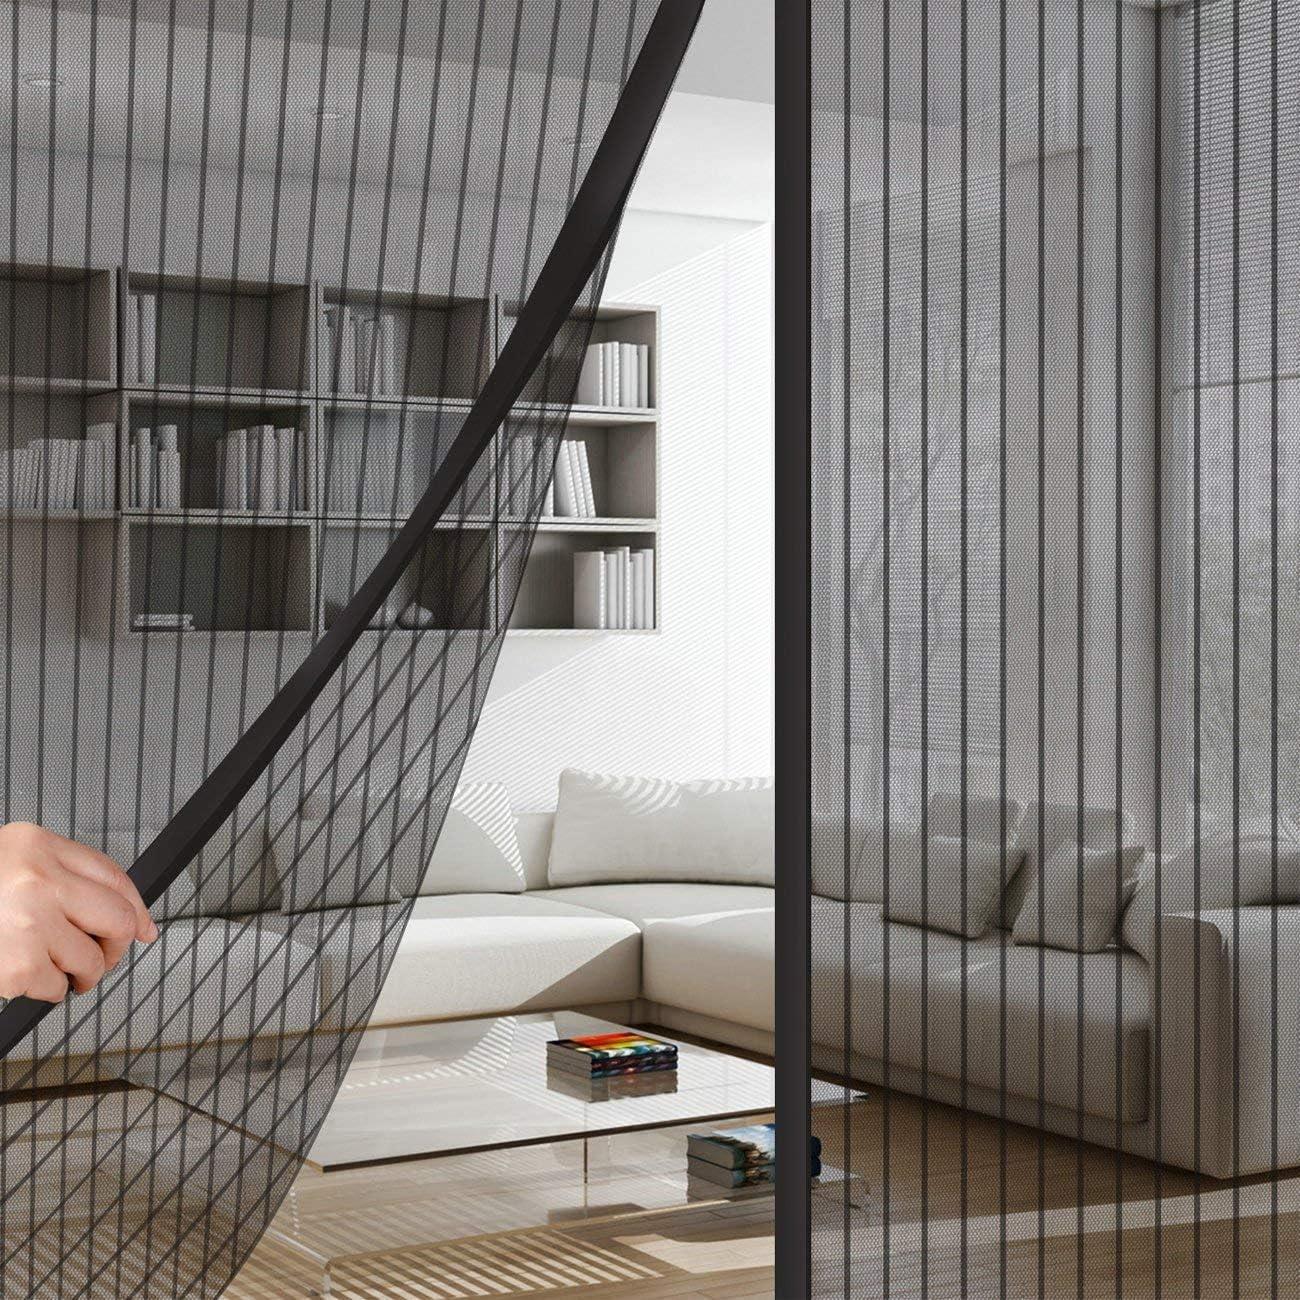 Cortinas mosquiteras para Puertas 70x200cm, Mosquitera Puertas, Protección contra Insectos, Cortina Ultrafina, para Pasillos/Puertas - Negro: Amazon.es: Hogar